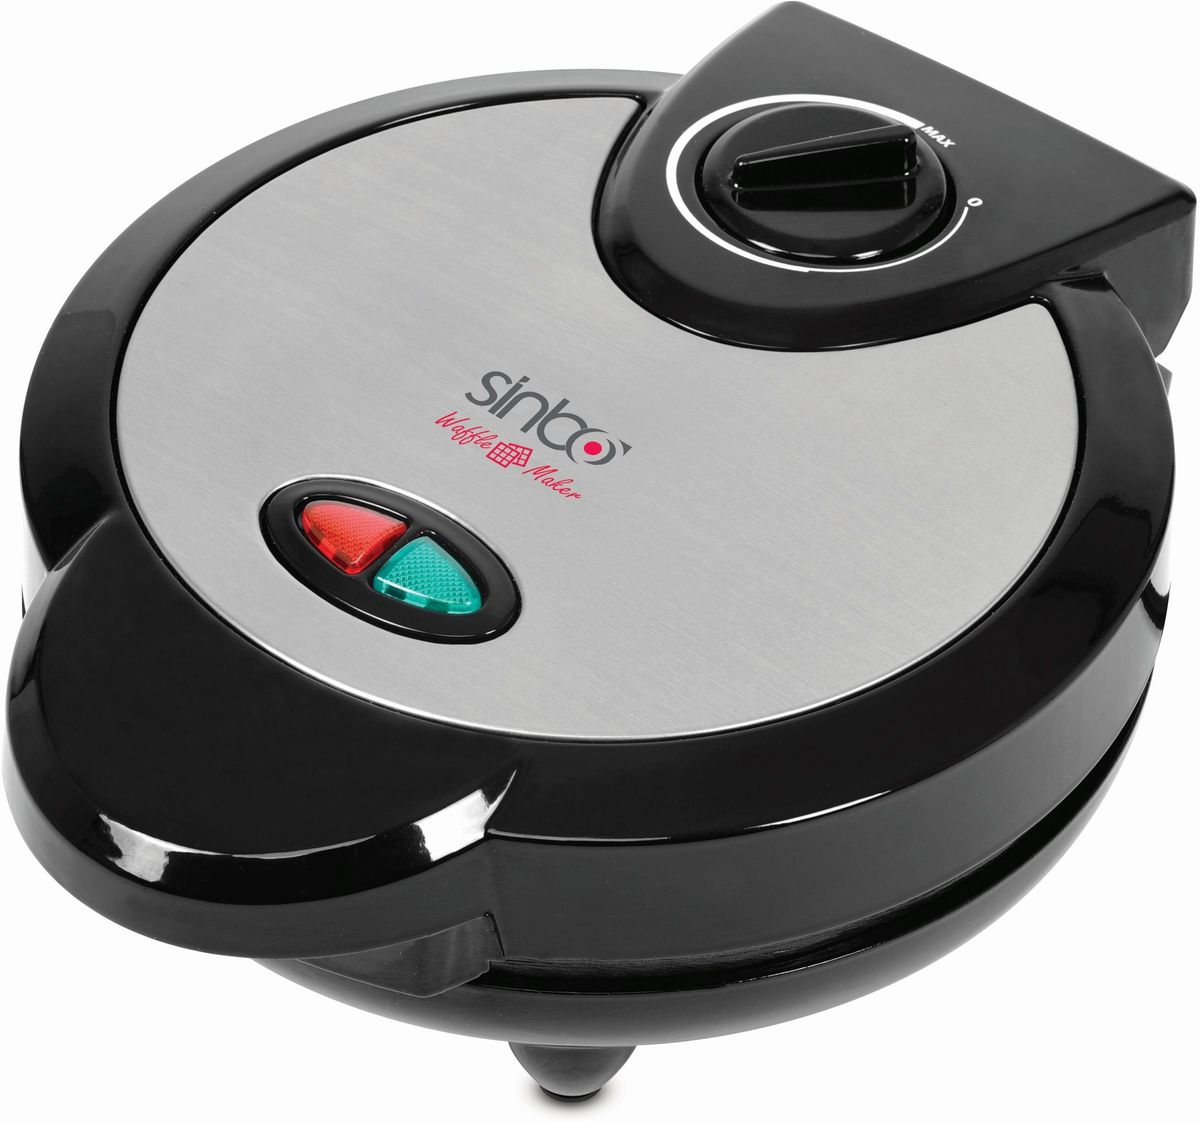 Sinbo SSM 2524, Silver электровафельницаSSM 2524Электровафельница Sinbo SSM 2524 позволит легко и быстро приготовить свежеиспеченные вафли или рожки для мороженого в домашнихусловиях. Прибор оснащен плавно регулируемым термостатом. Антипригарное покрытие рабочей поверхности облегчит очистку вафельницы, аиндикаторы работы и нагрева проинформируют вас о текущем состоянии прибора.